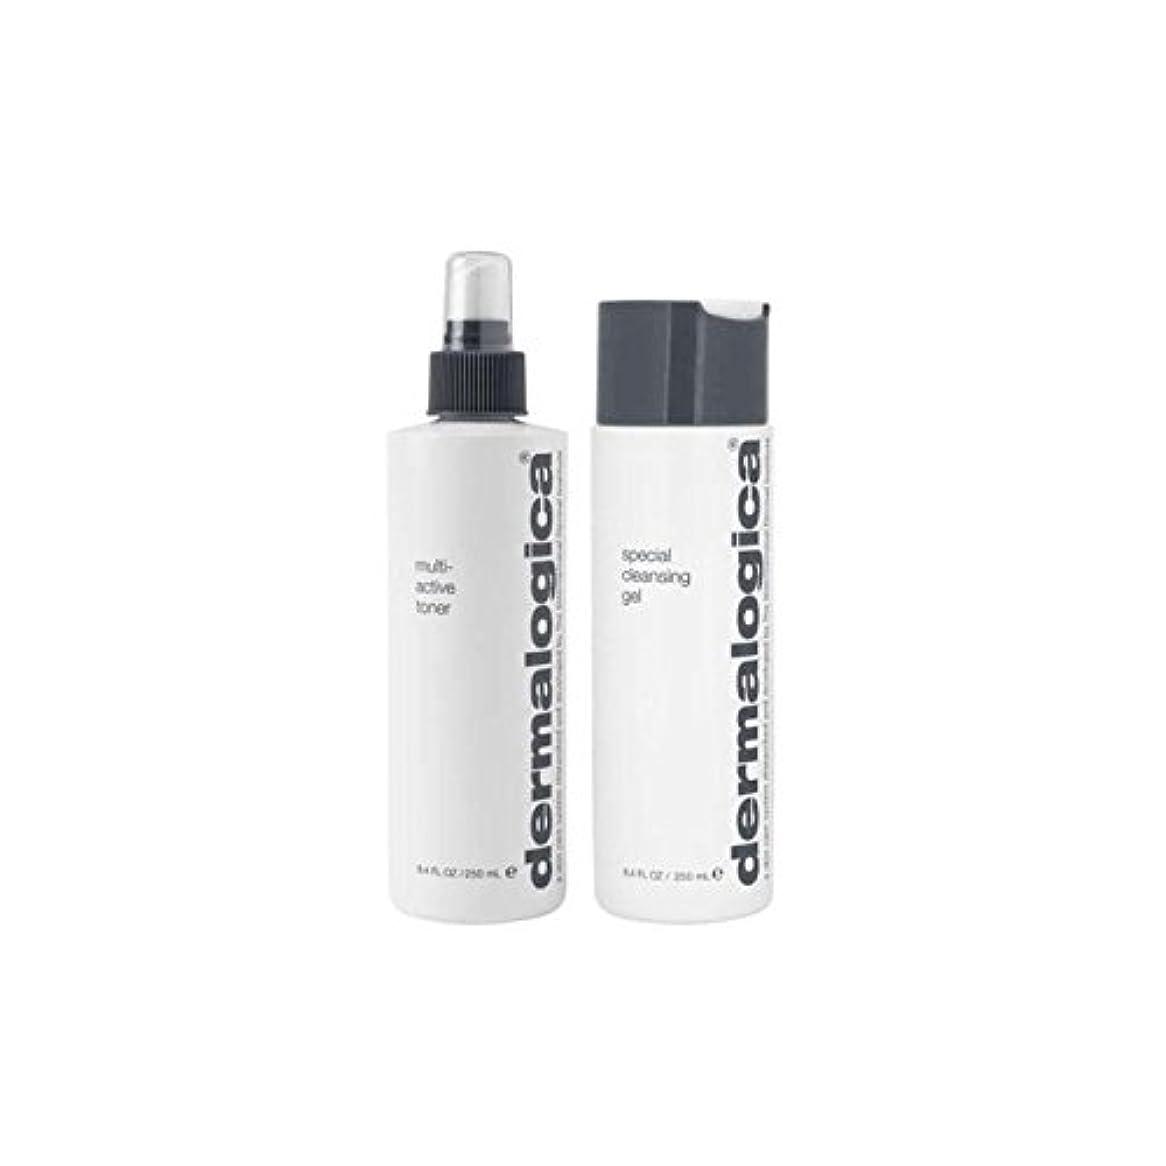 香港く考古学者ダーマロジカクレンジング&トーンデュオ - ノーマル/ドライスキン(2製品) x2 - Dermalogica Cleanse & Tone Duo - Normal/Dry Skin (2 Products) (Pack...